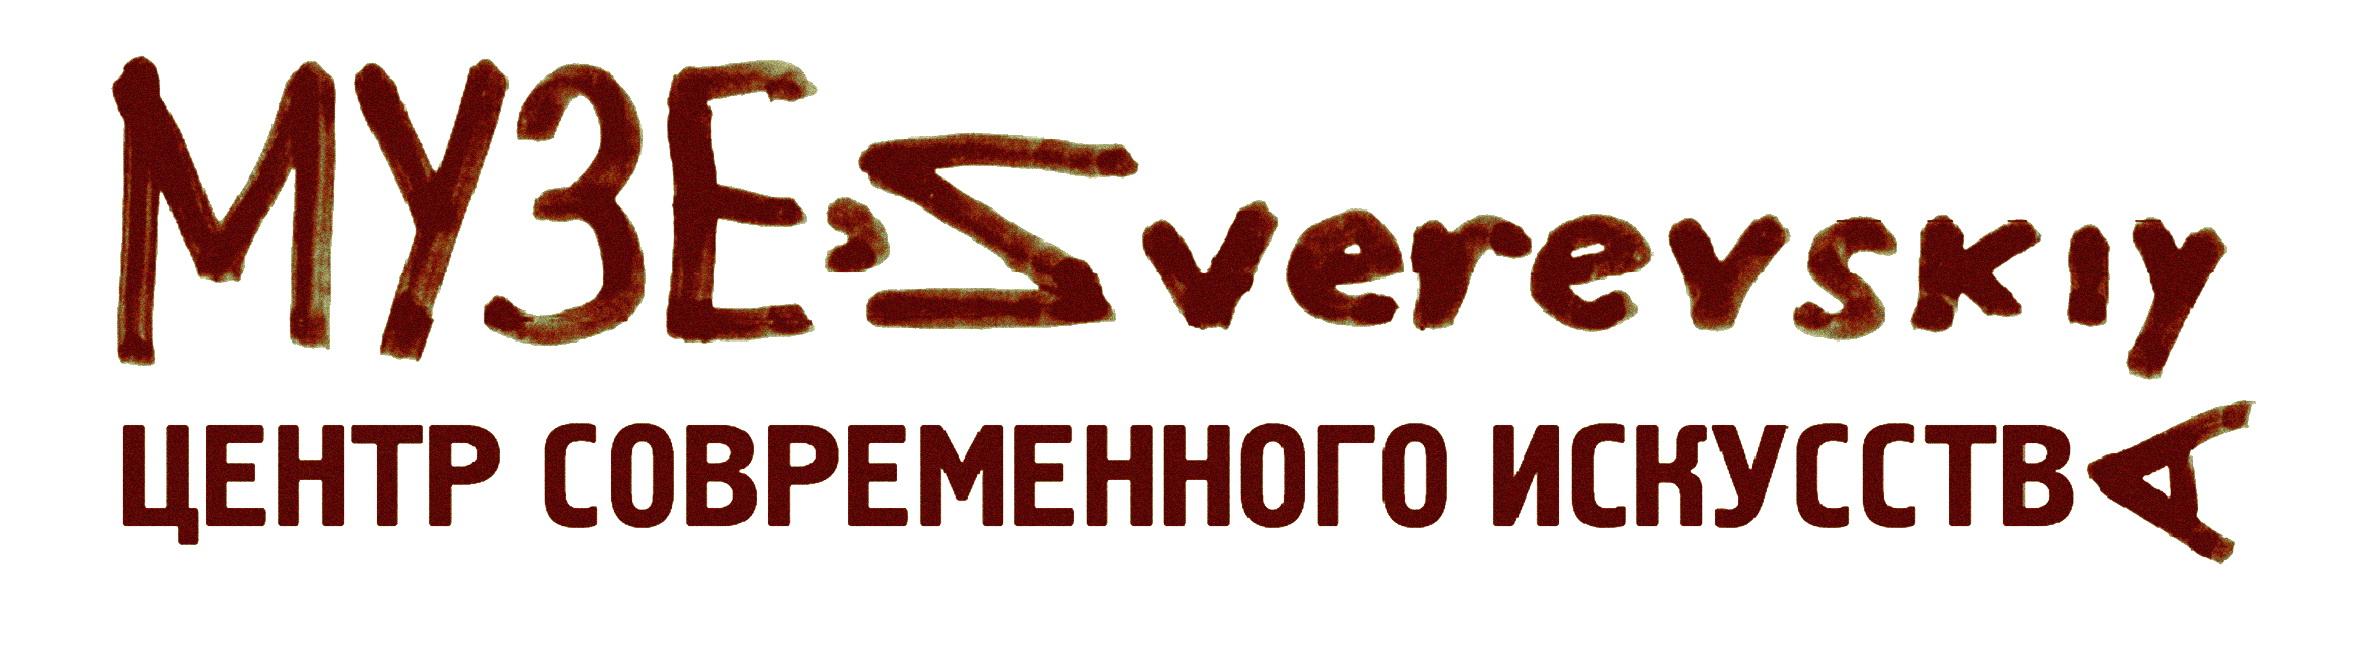 Zverevskiy Logo